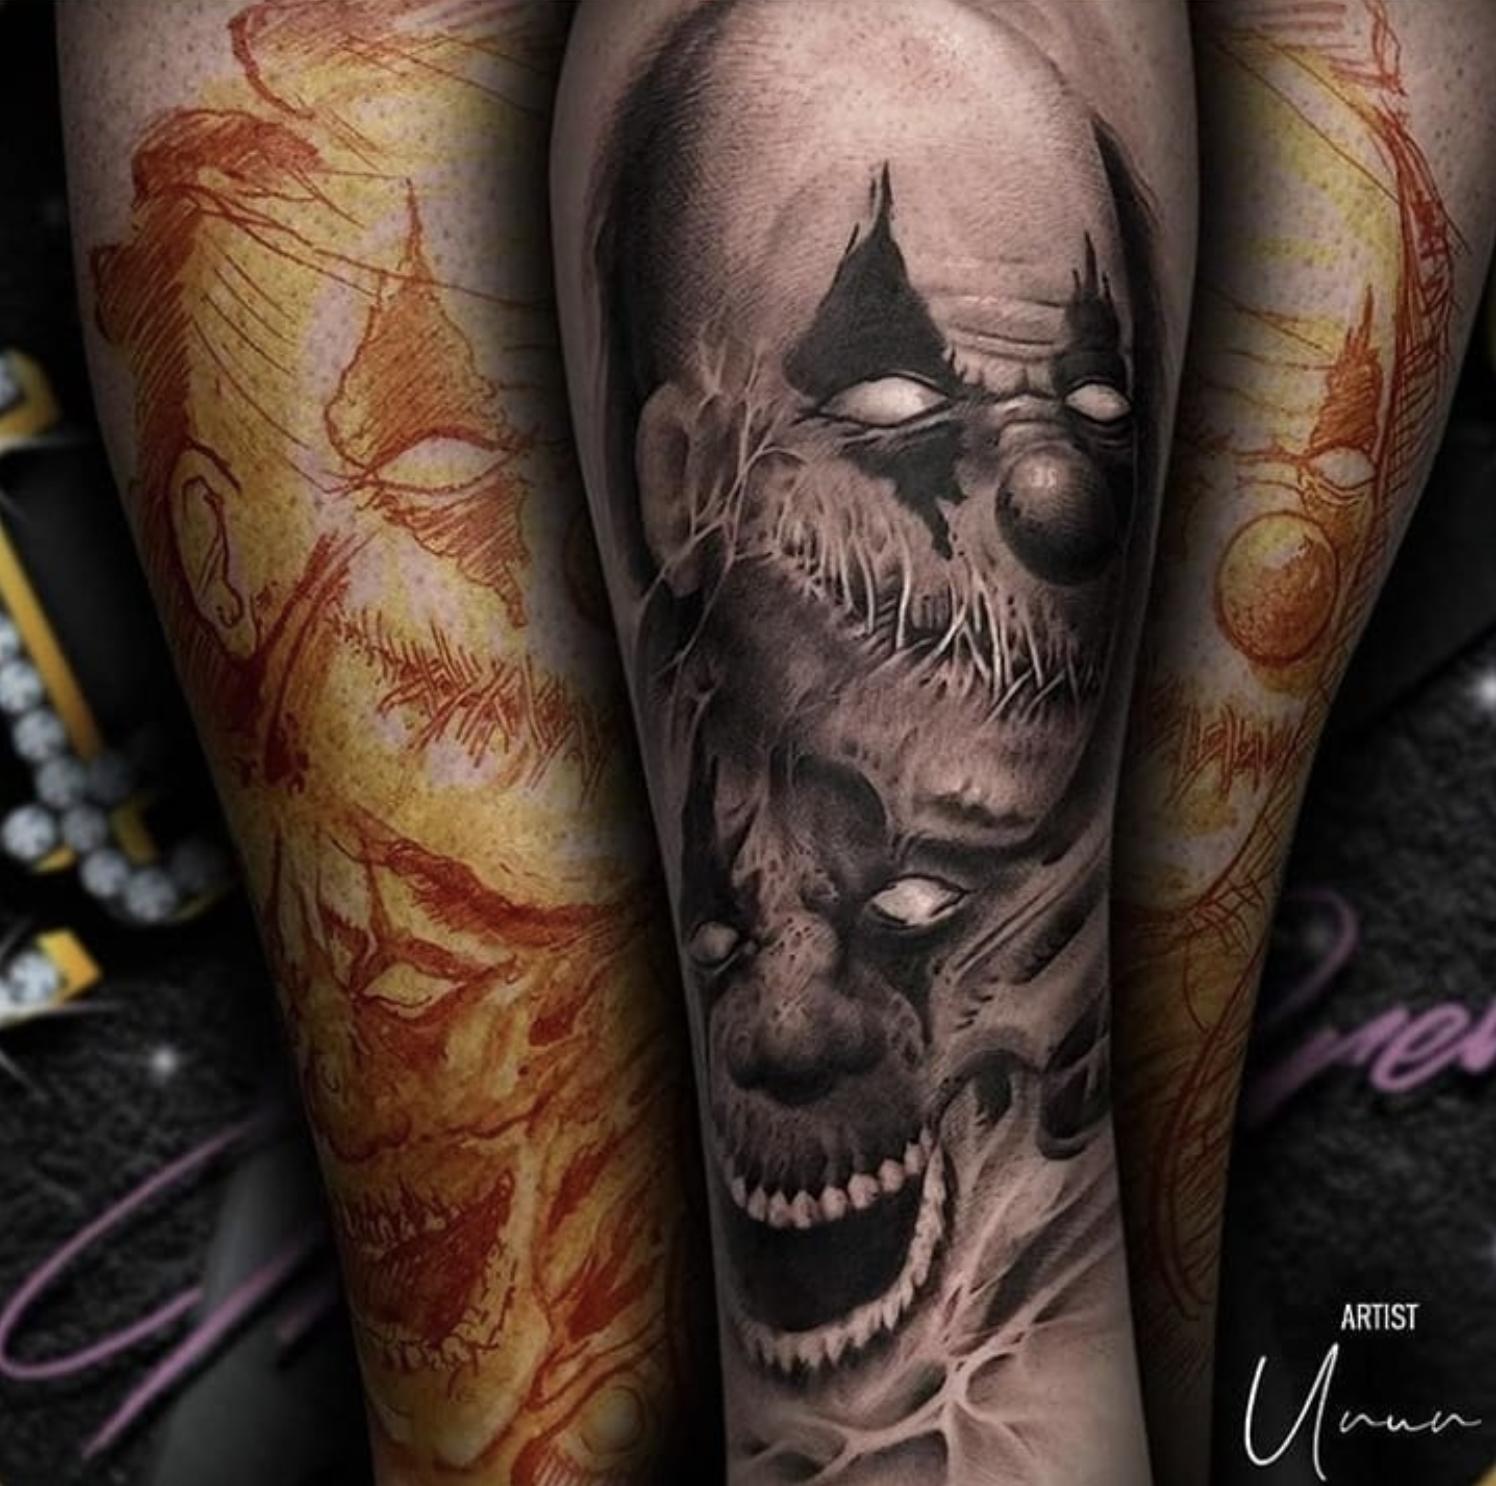 Tattoo By Unun Tattoos Best Tattoo Shops Free Hand Tattoo